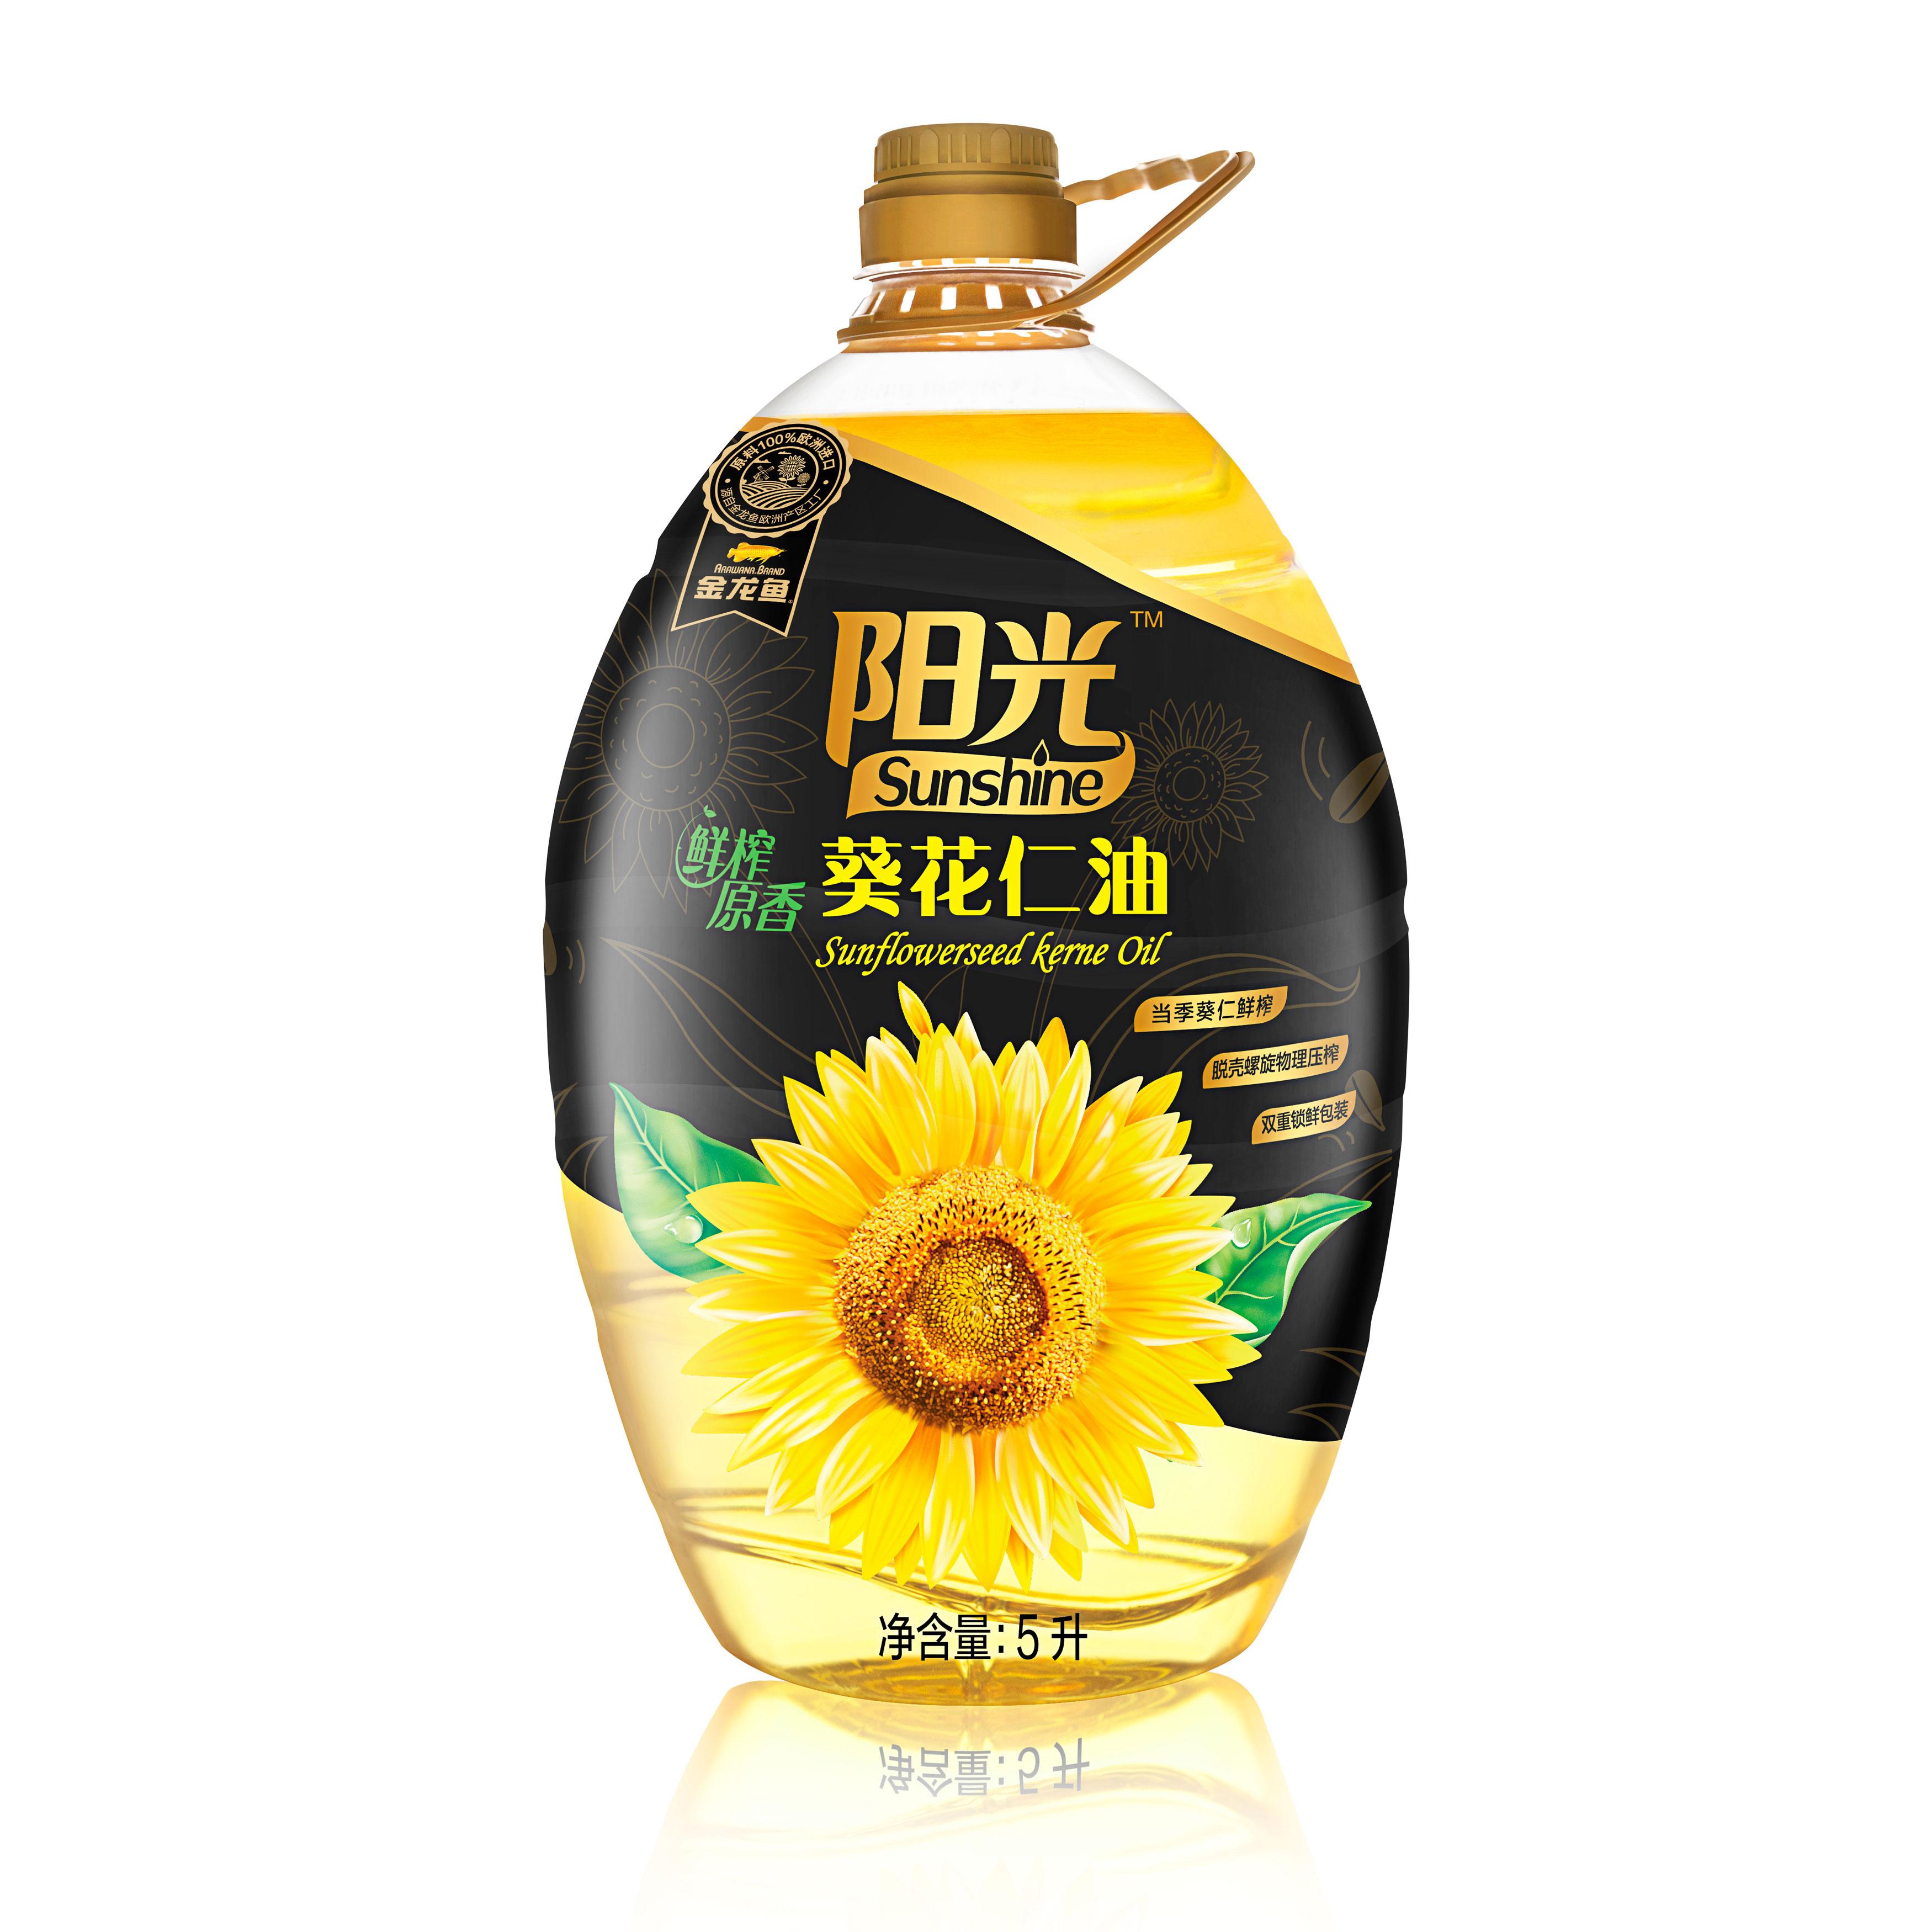 葵花仁油 金龙鱼 阳光鲜榨原香葵花仁油 5L